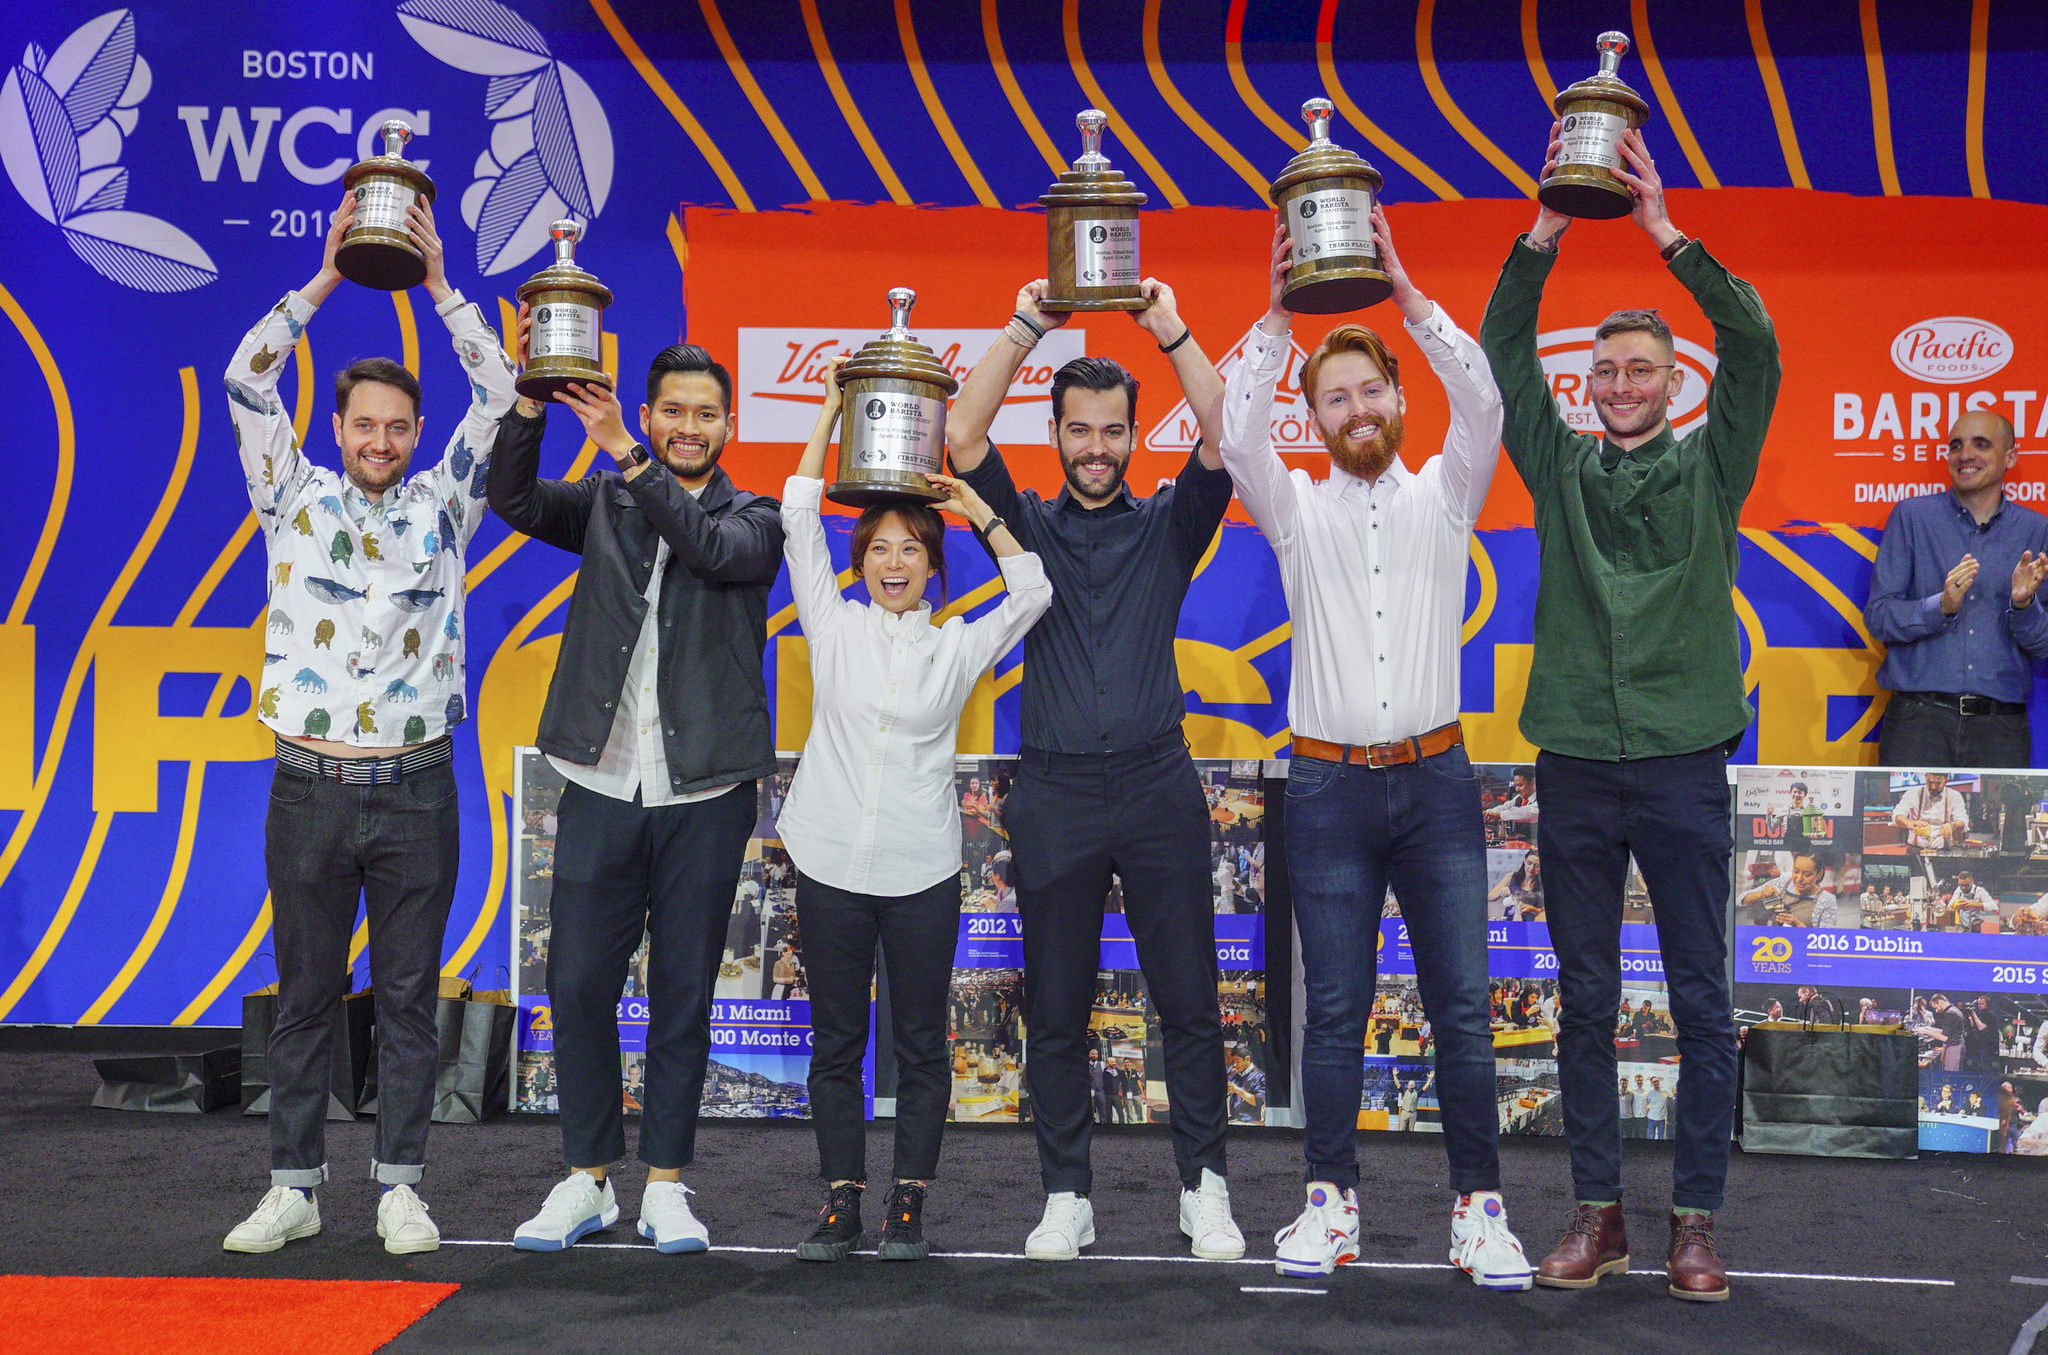 월드 바리스타 챔피언십(World Barista Championship) 결승에서 우승한 전주연씨가 트로피를 들고 환호하고 있다.사진 /전주연씨 제공